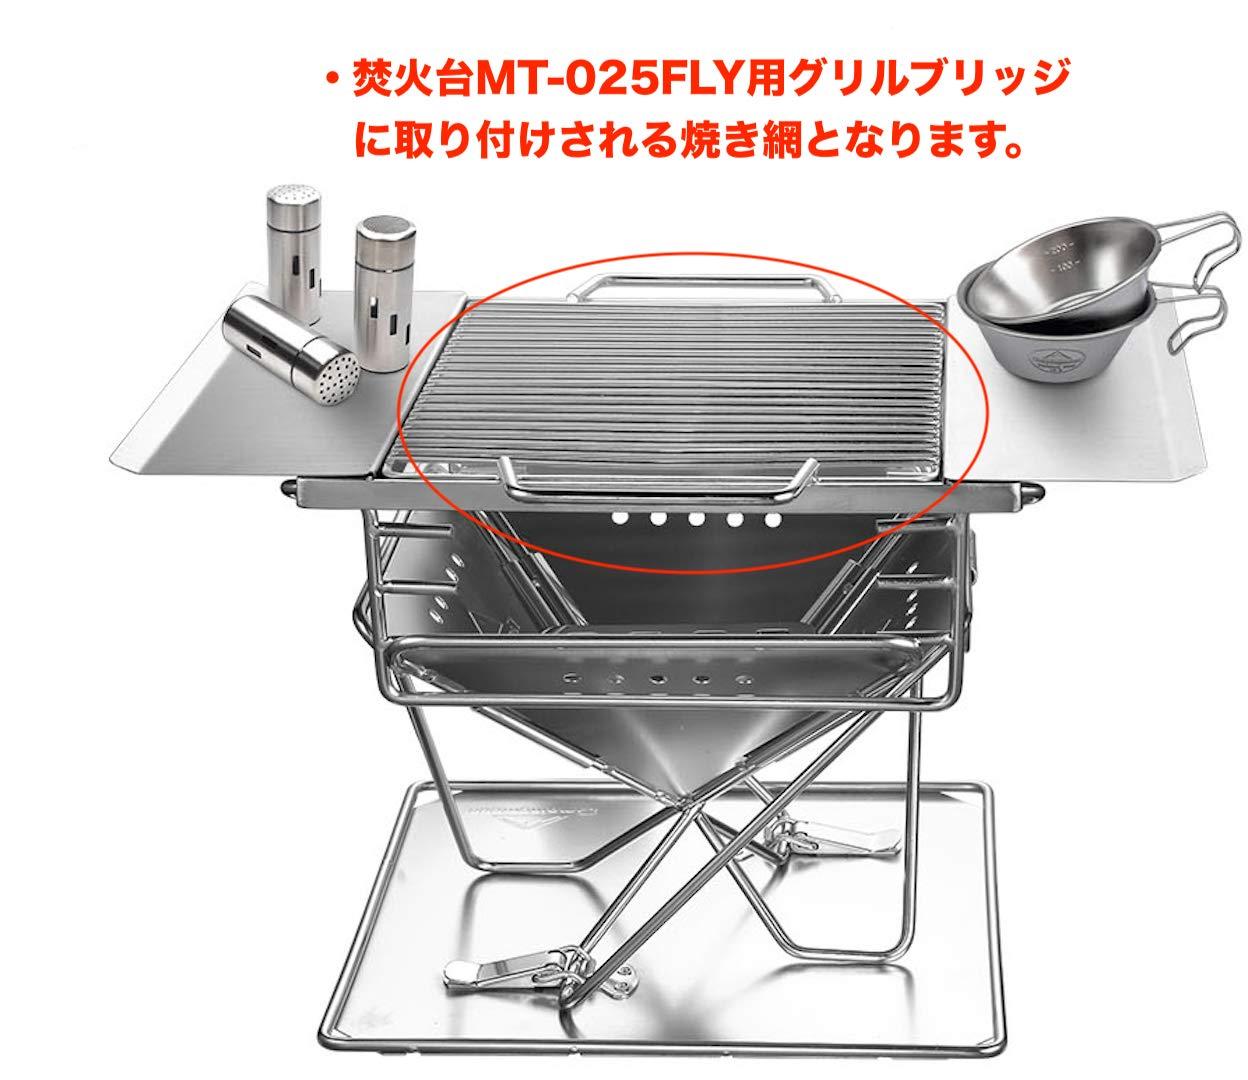 XSサイズ 焚き火台 2-3人用 MT-025FLY専用 替え網